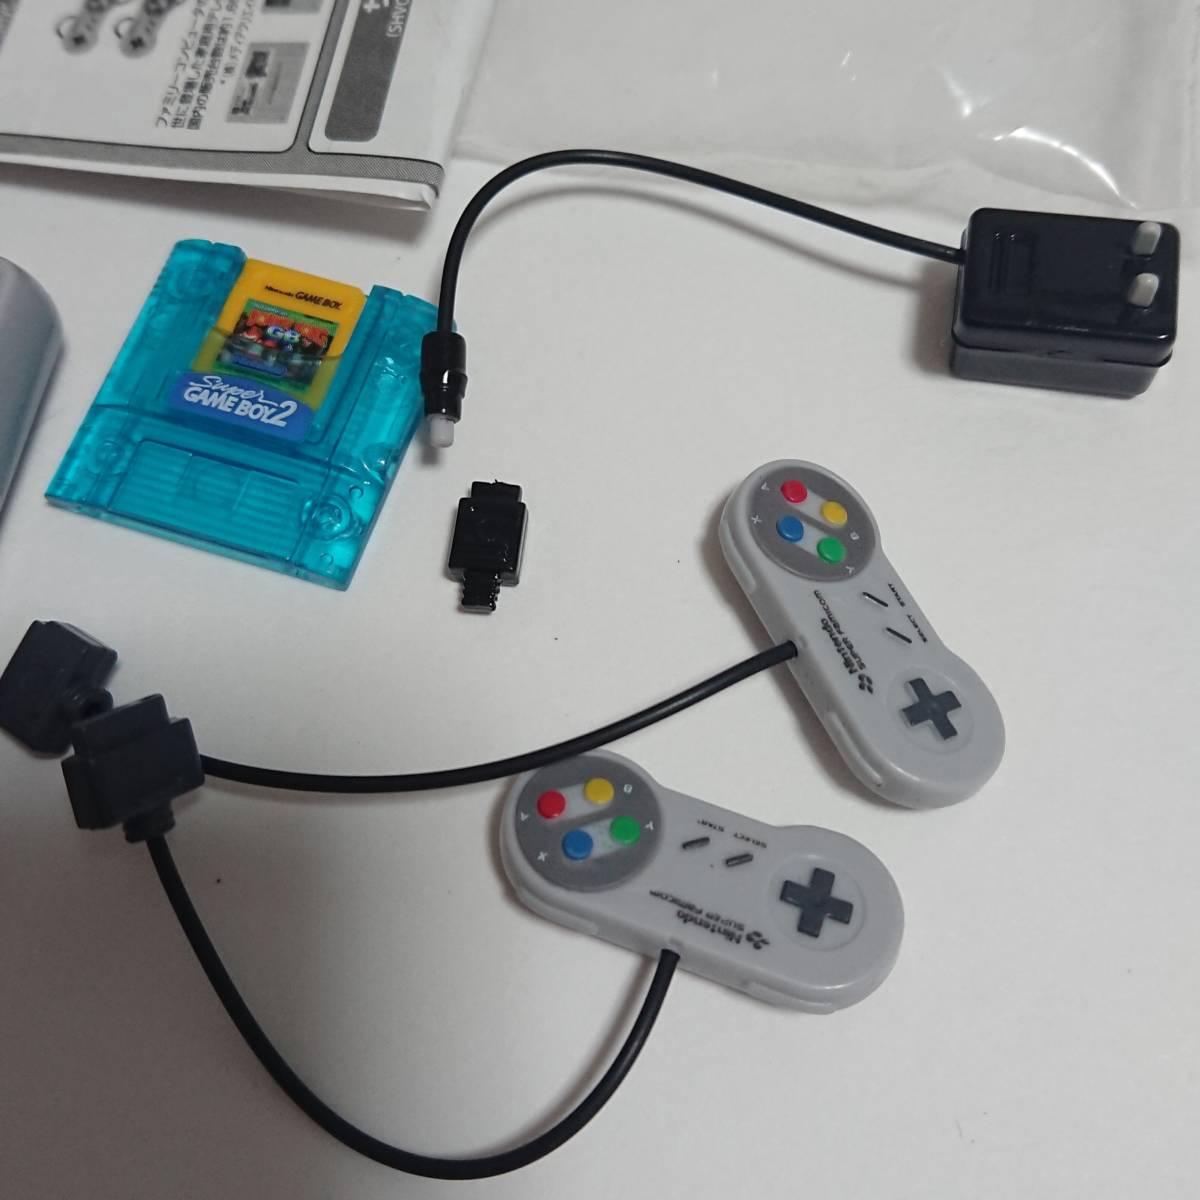 ヒストリーコレクション  スーパーファミコン&スーパーゲームボーイ2◆ ミニチュア フィギュア ガチャ カプセル Nintendo_画像3